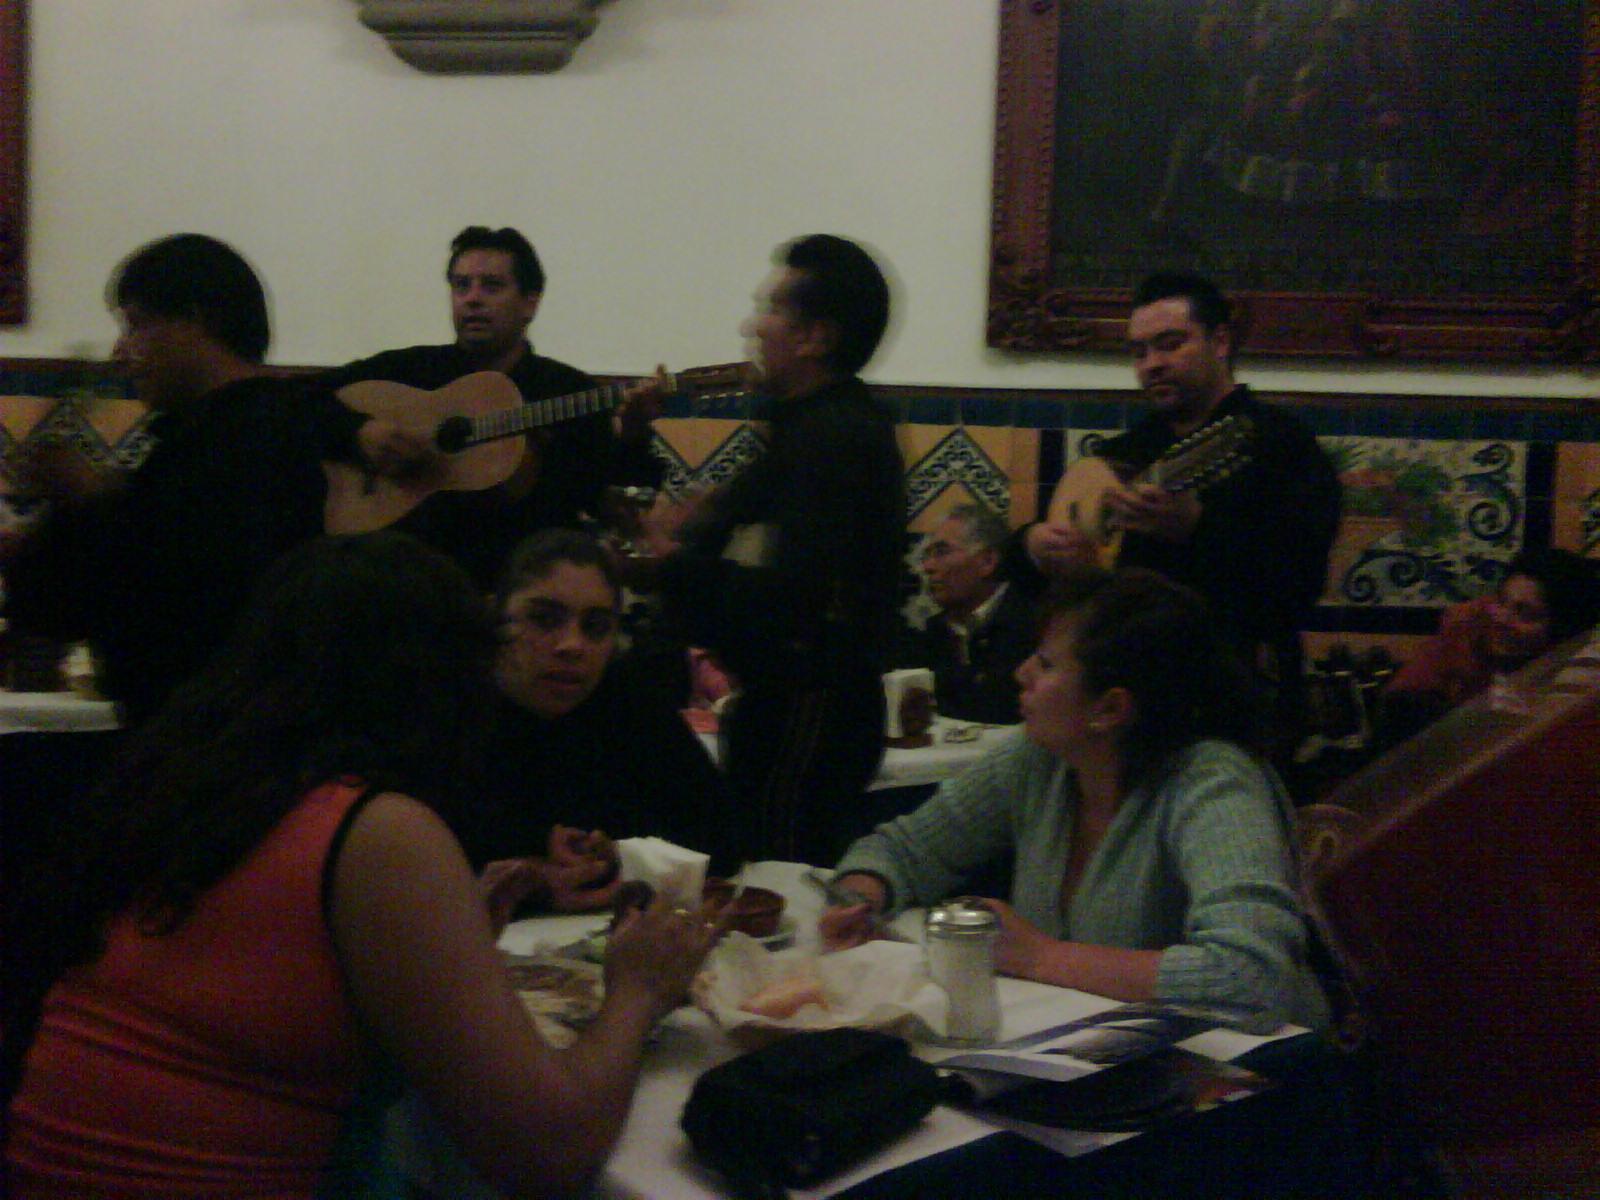 i'm in mariachi central